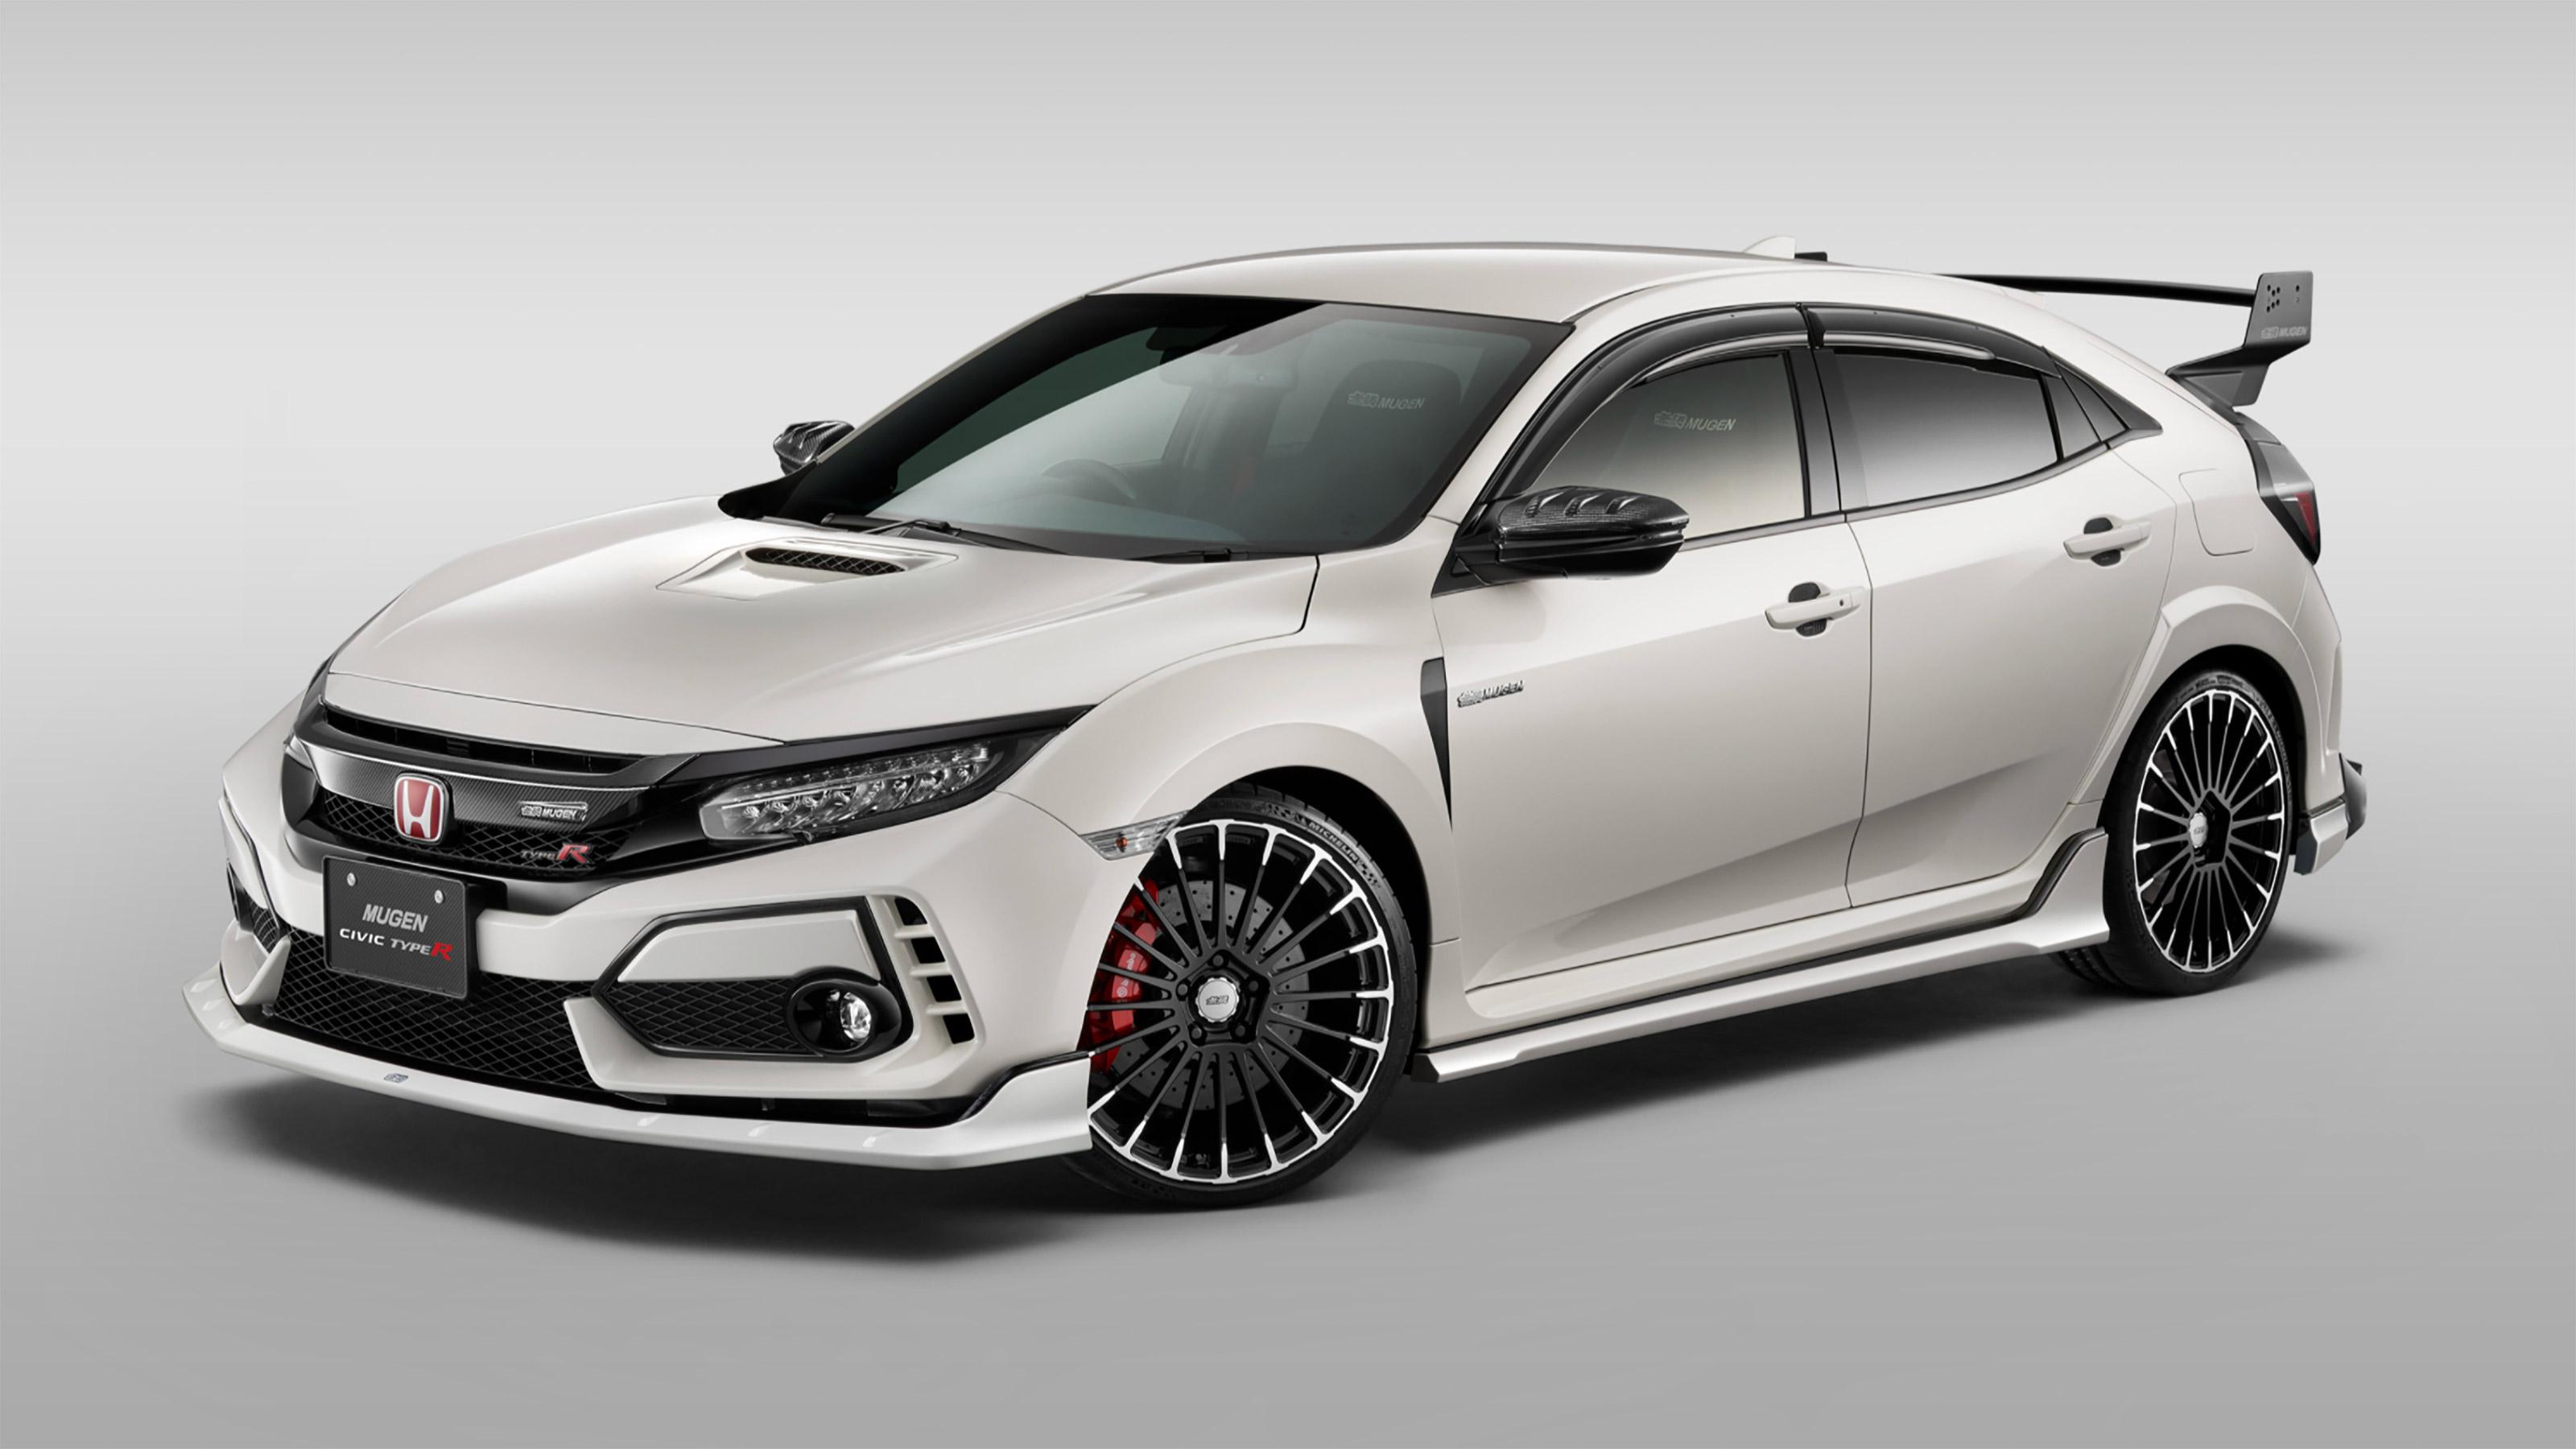 Kekurangan Honda Civic Fk8 Harga